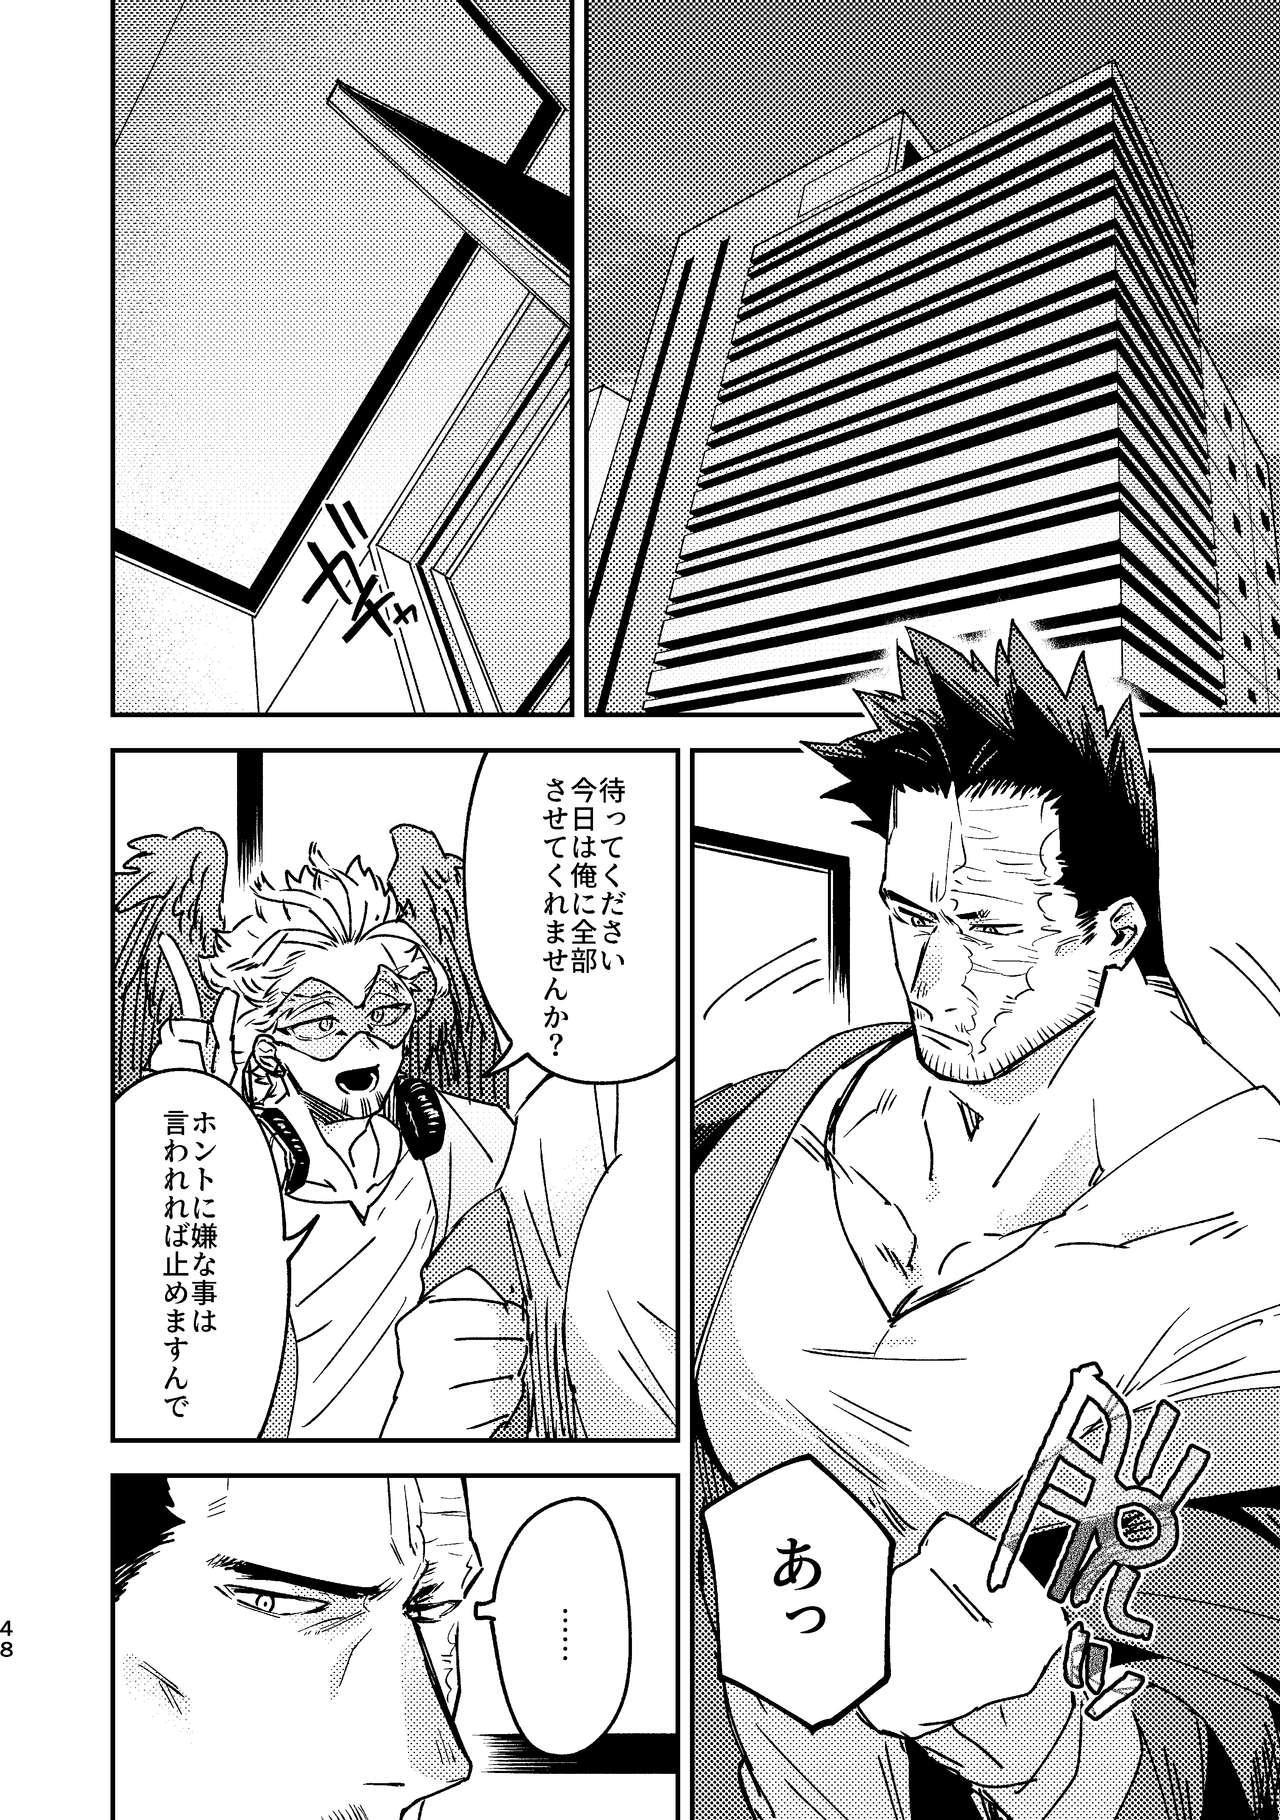 WEB Sairoku Zumi HawEn Manga ga Kami demo Yomeru Hon. 47